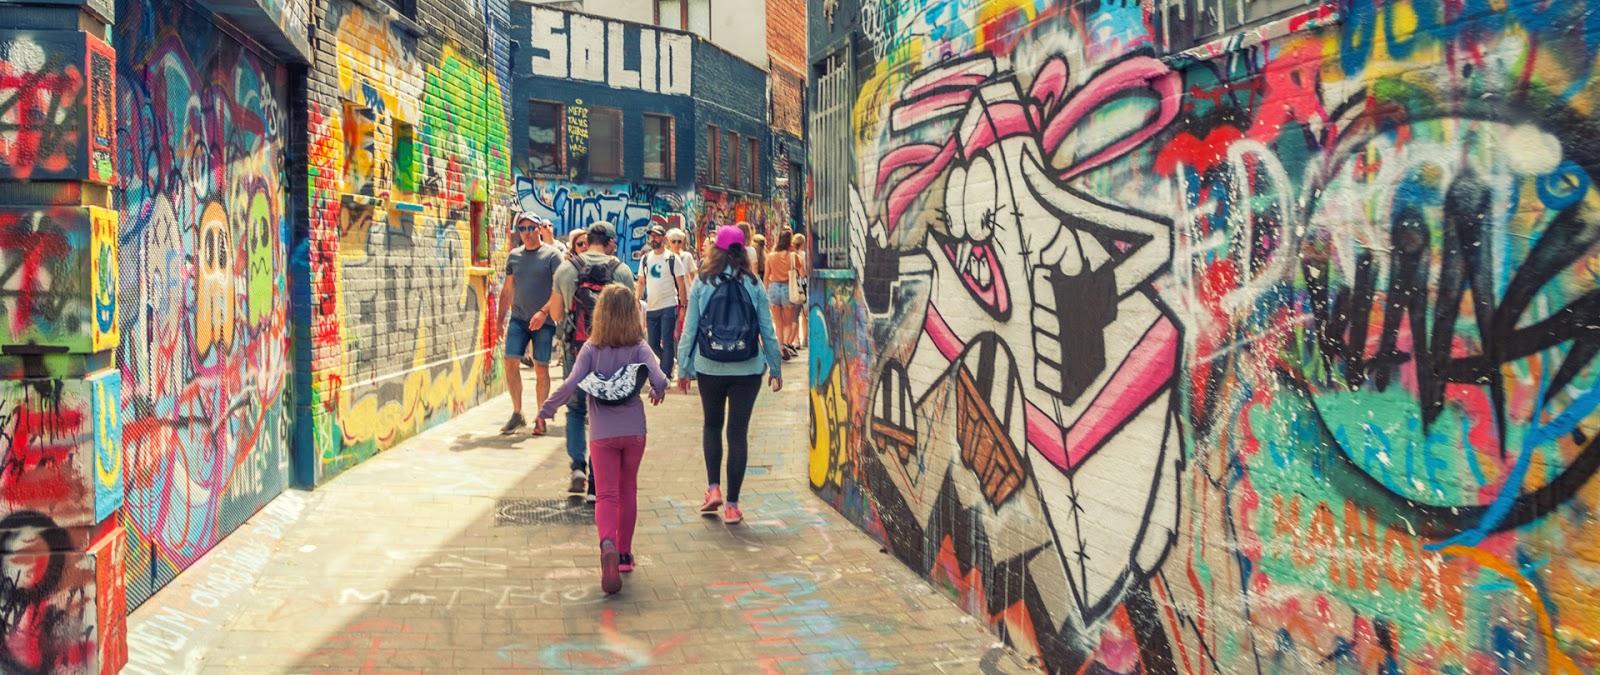 ruelle aux graffitis : Werregarenstraatje gand